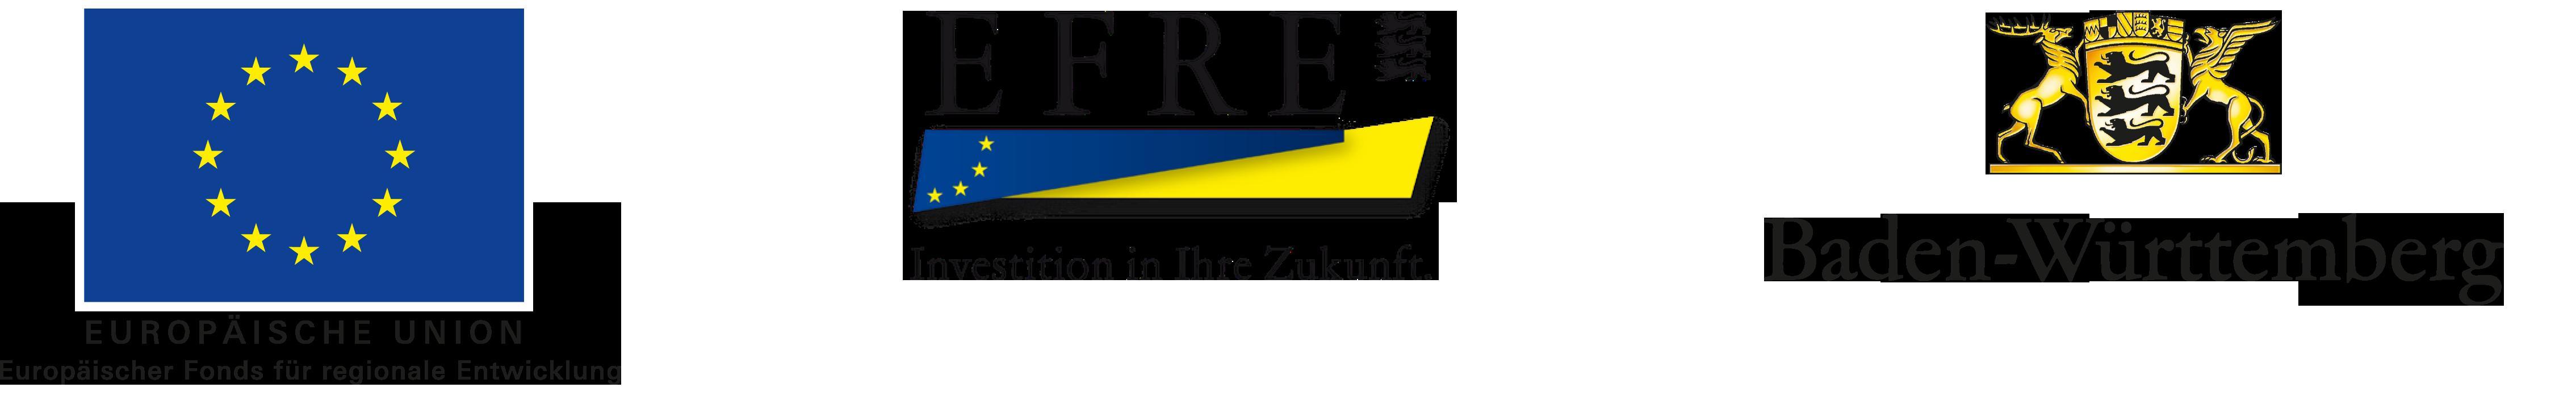 Europäischer Fonds für regionale Entwicklung - EFRE - EU